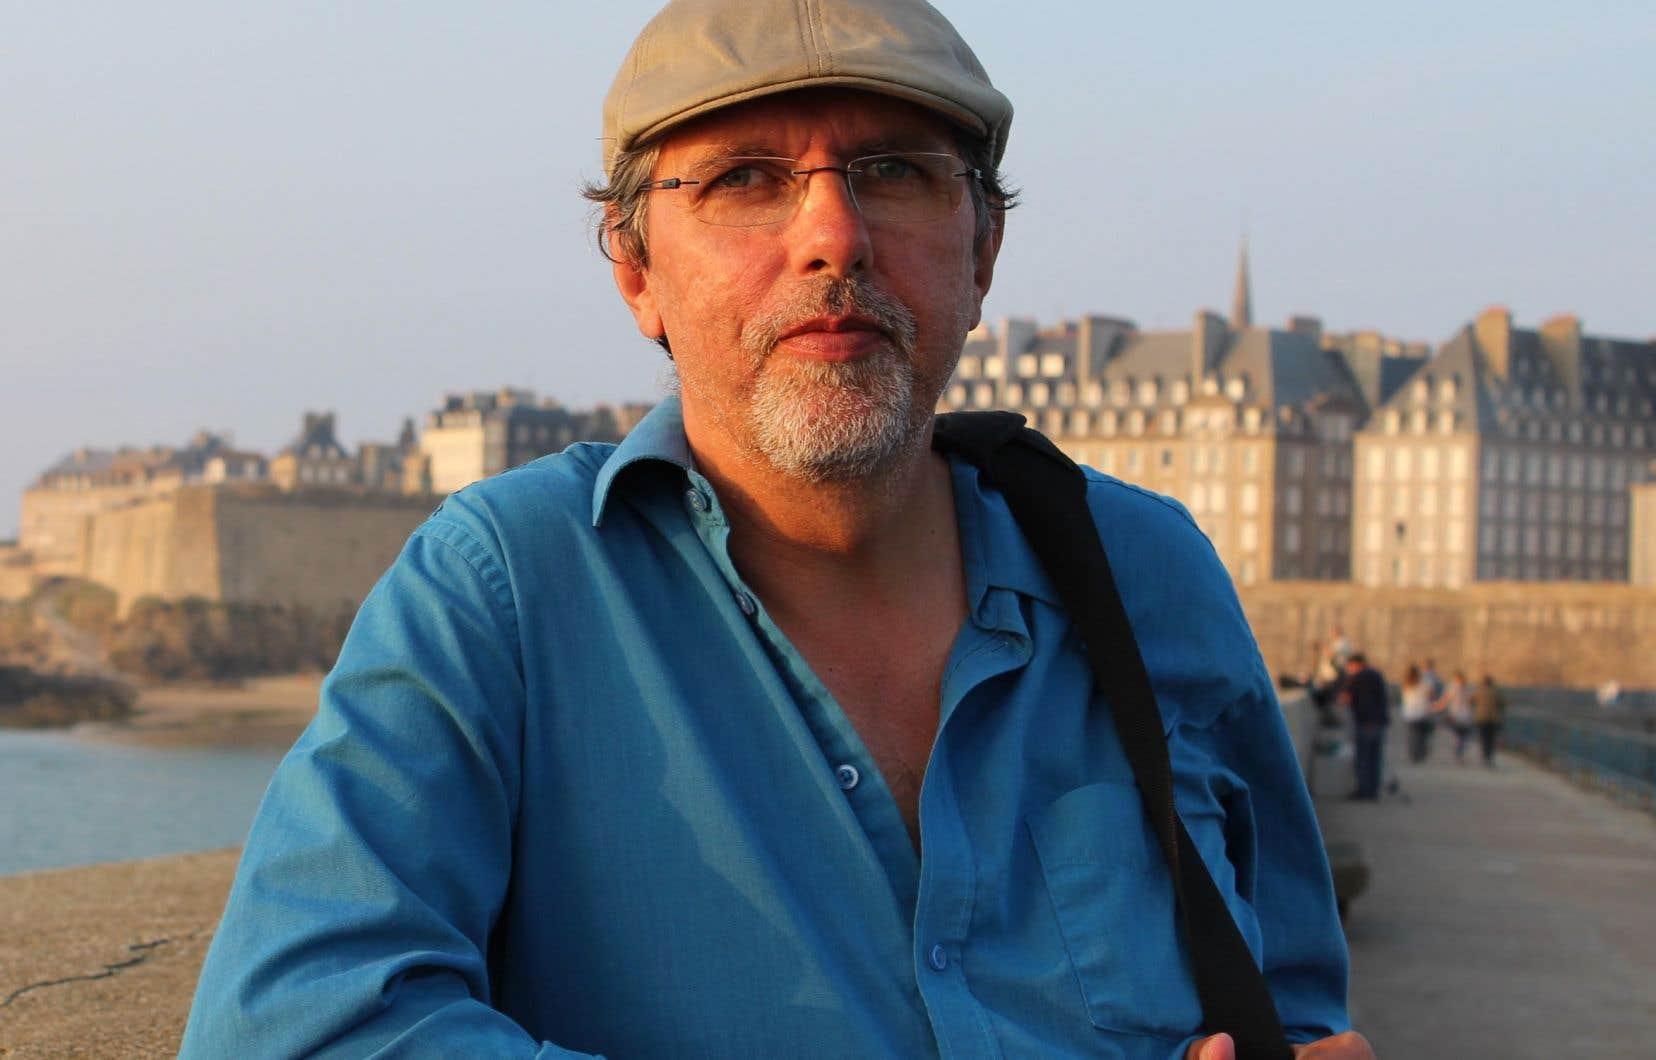 On retrouvera ici le motif de la filiation, souvent exploité avec intelligence et sensibilité par Alain Beaulieu.